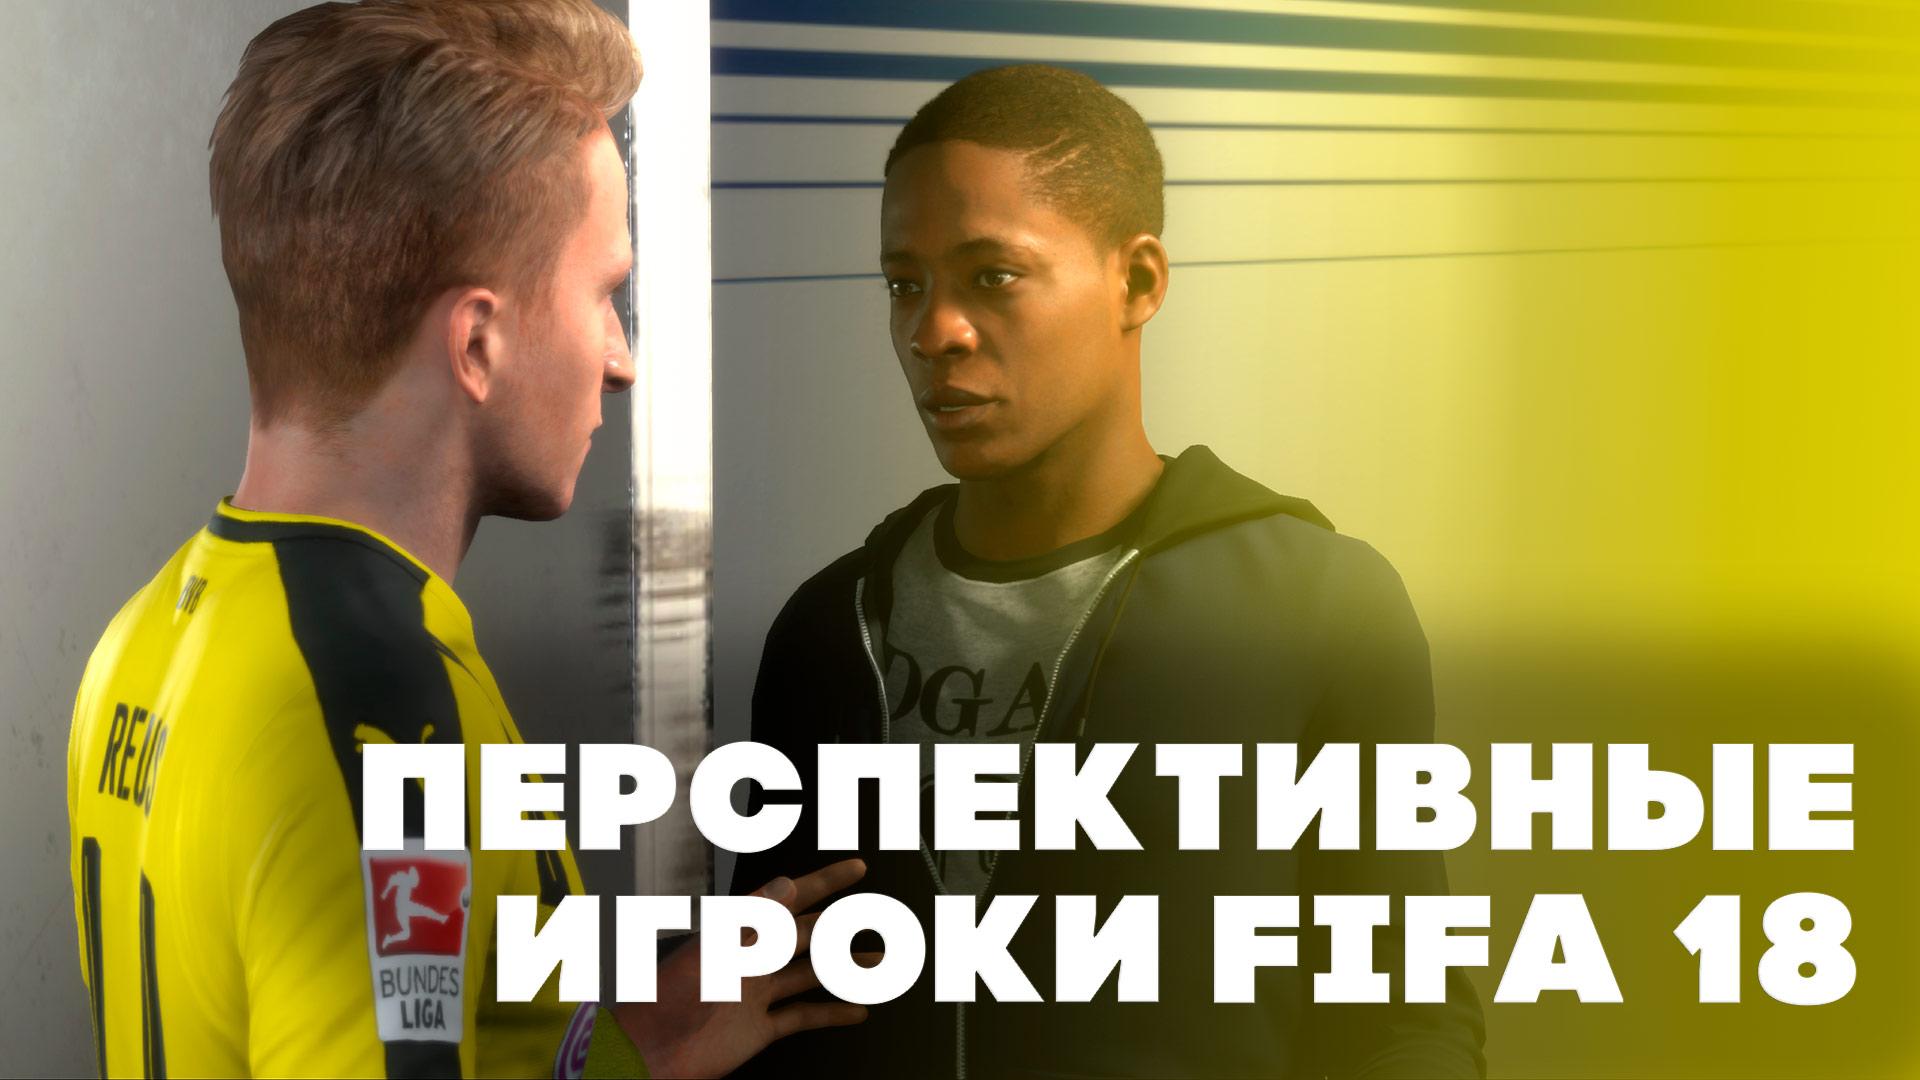 Перспективные футболисты FIFA 18